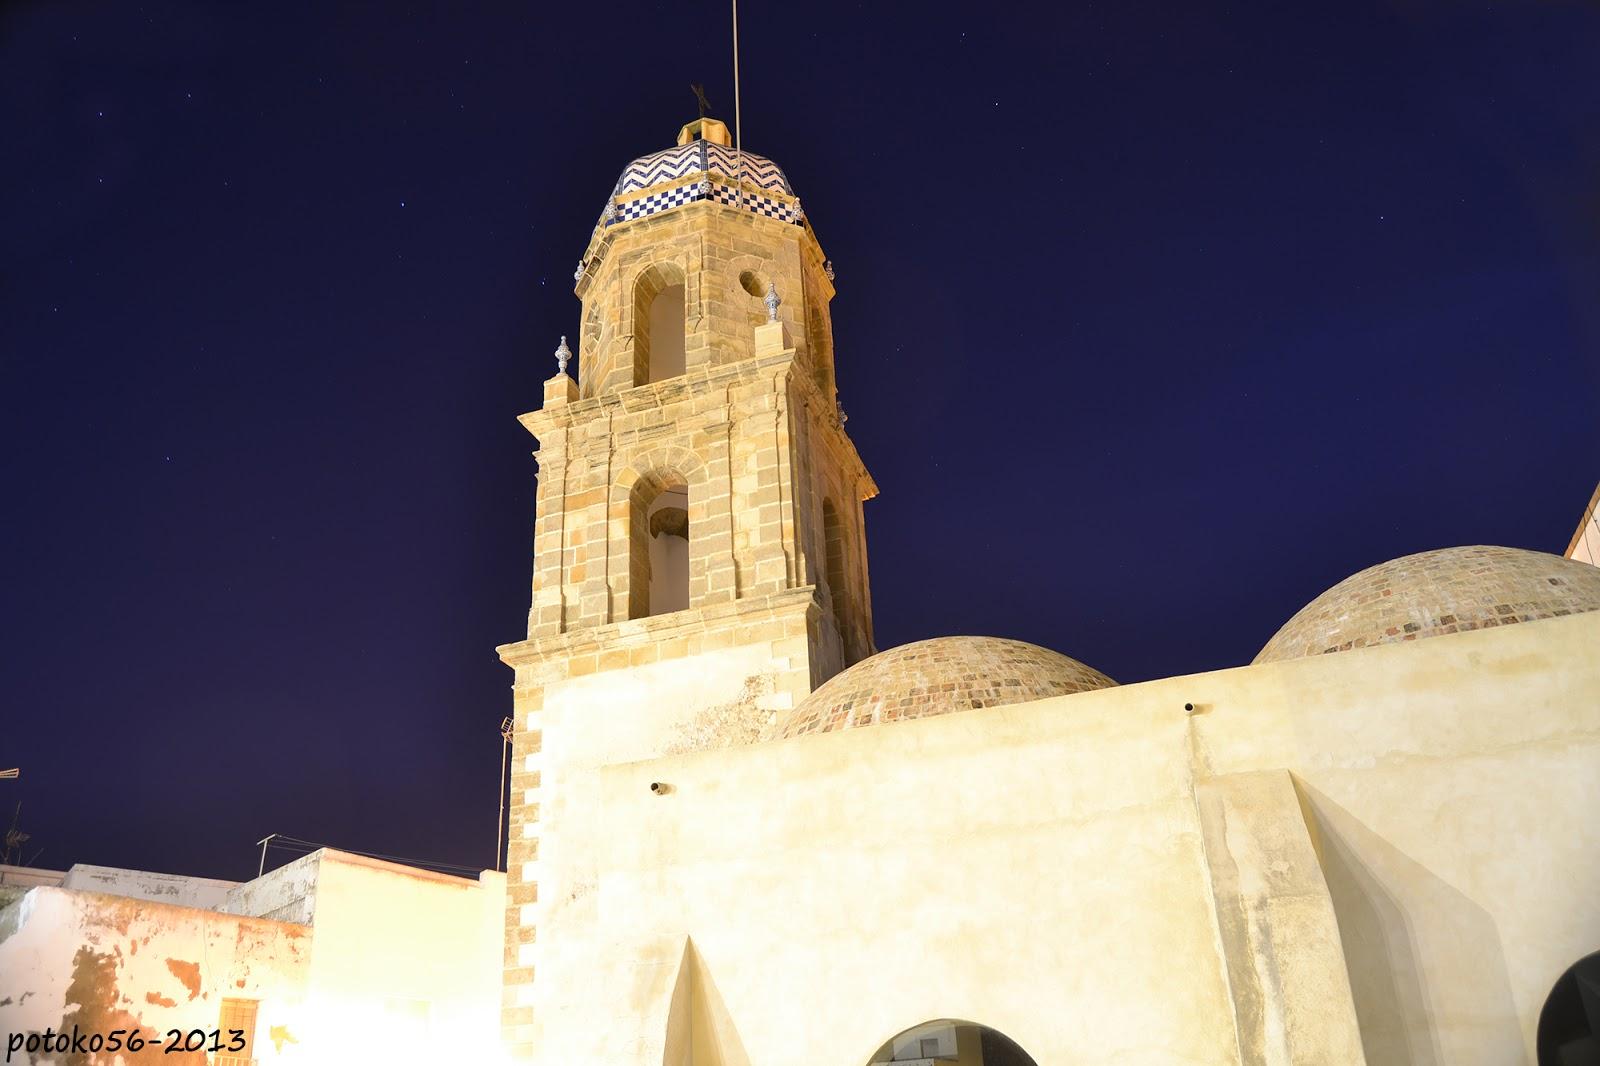 Torre de la Merced Rota